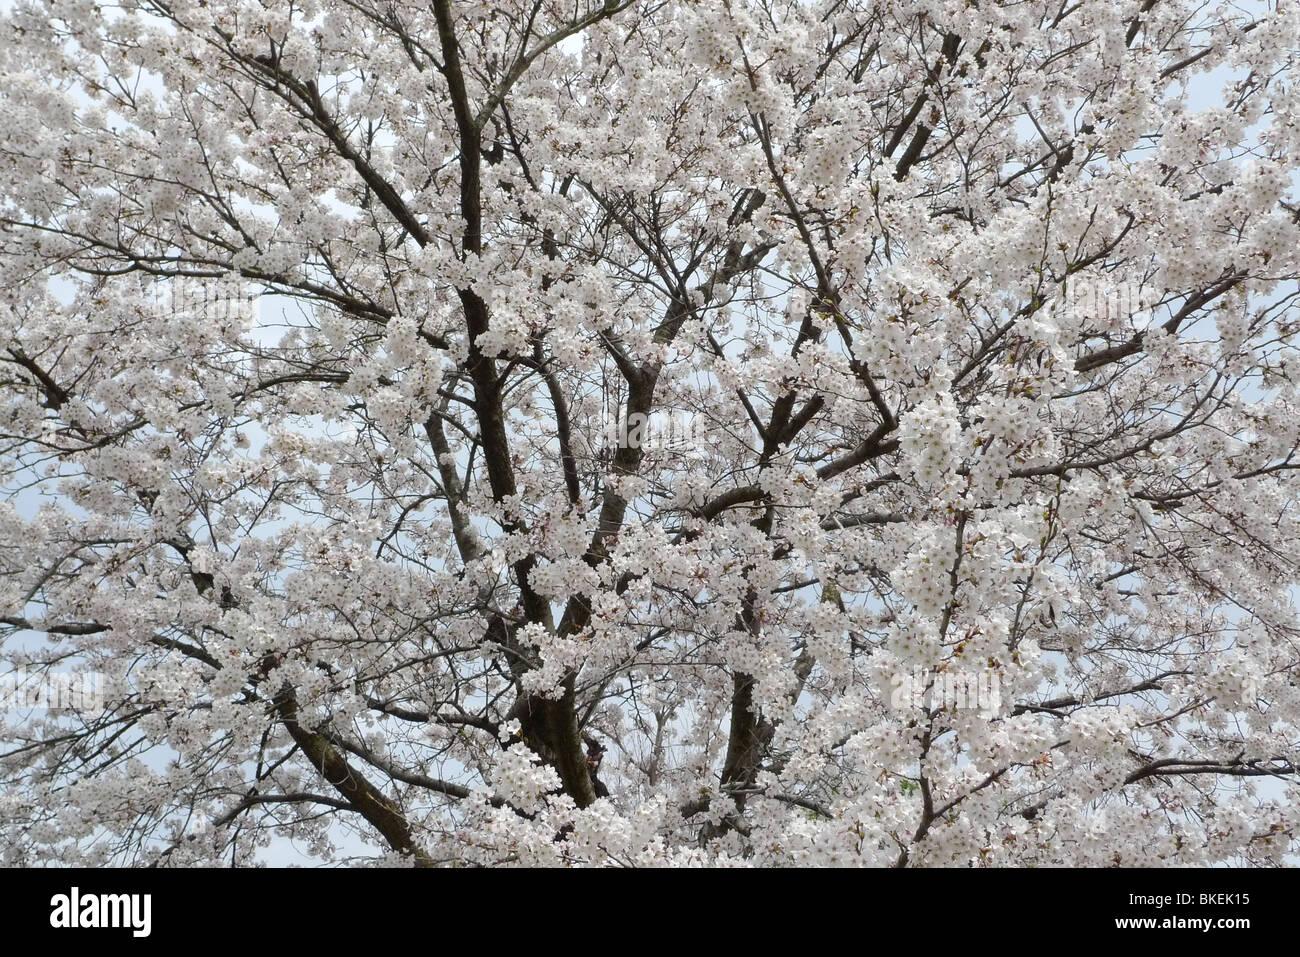 Cherry blossom/ sakura, in bloom, in spring in Japan - Stock Image